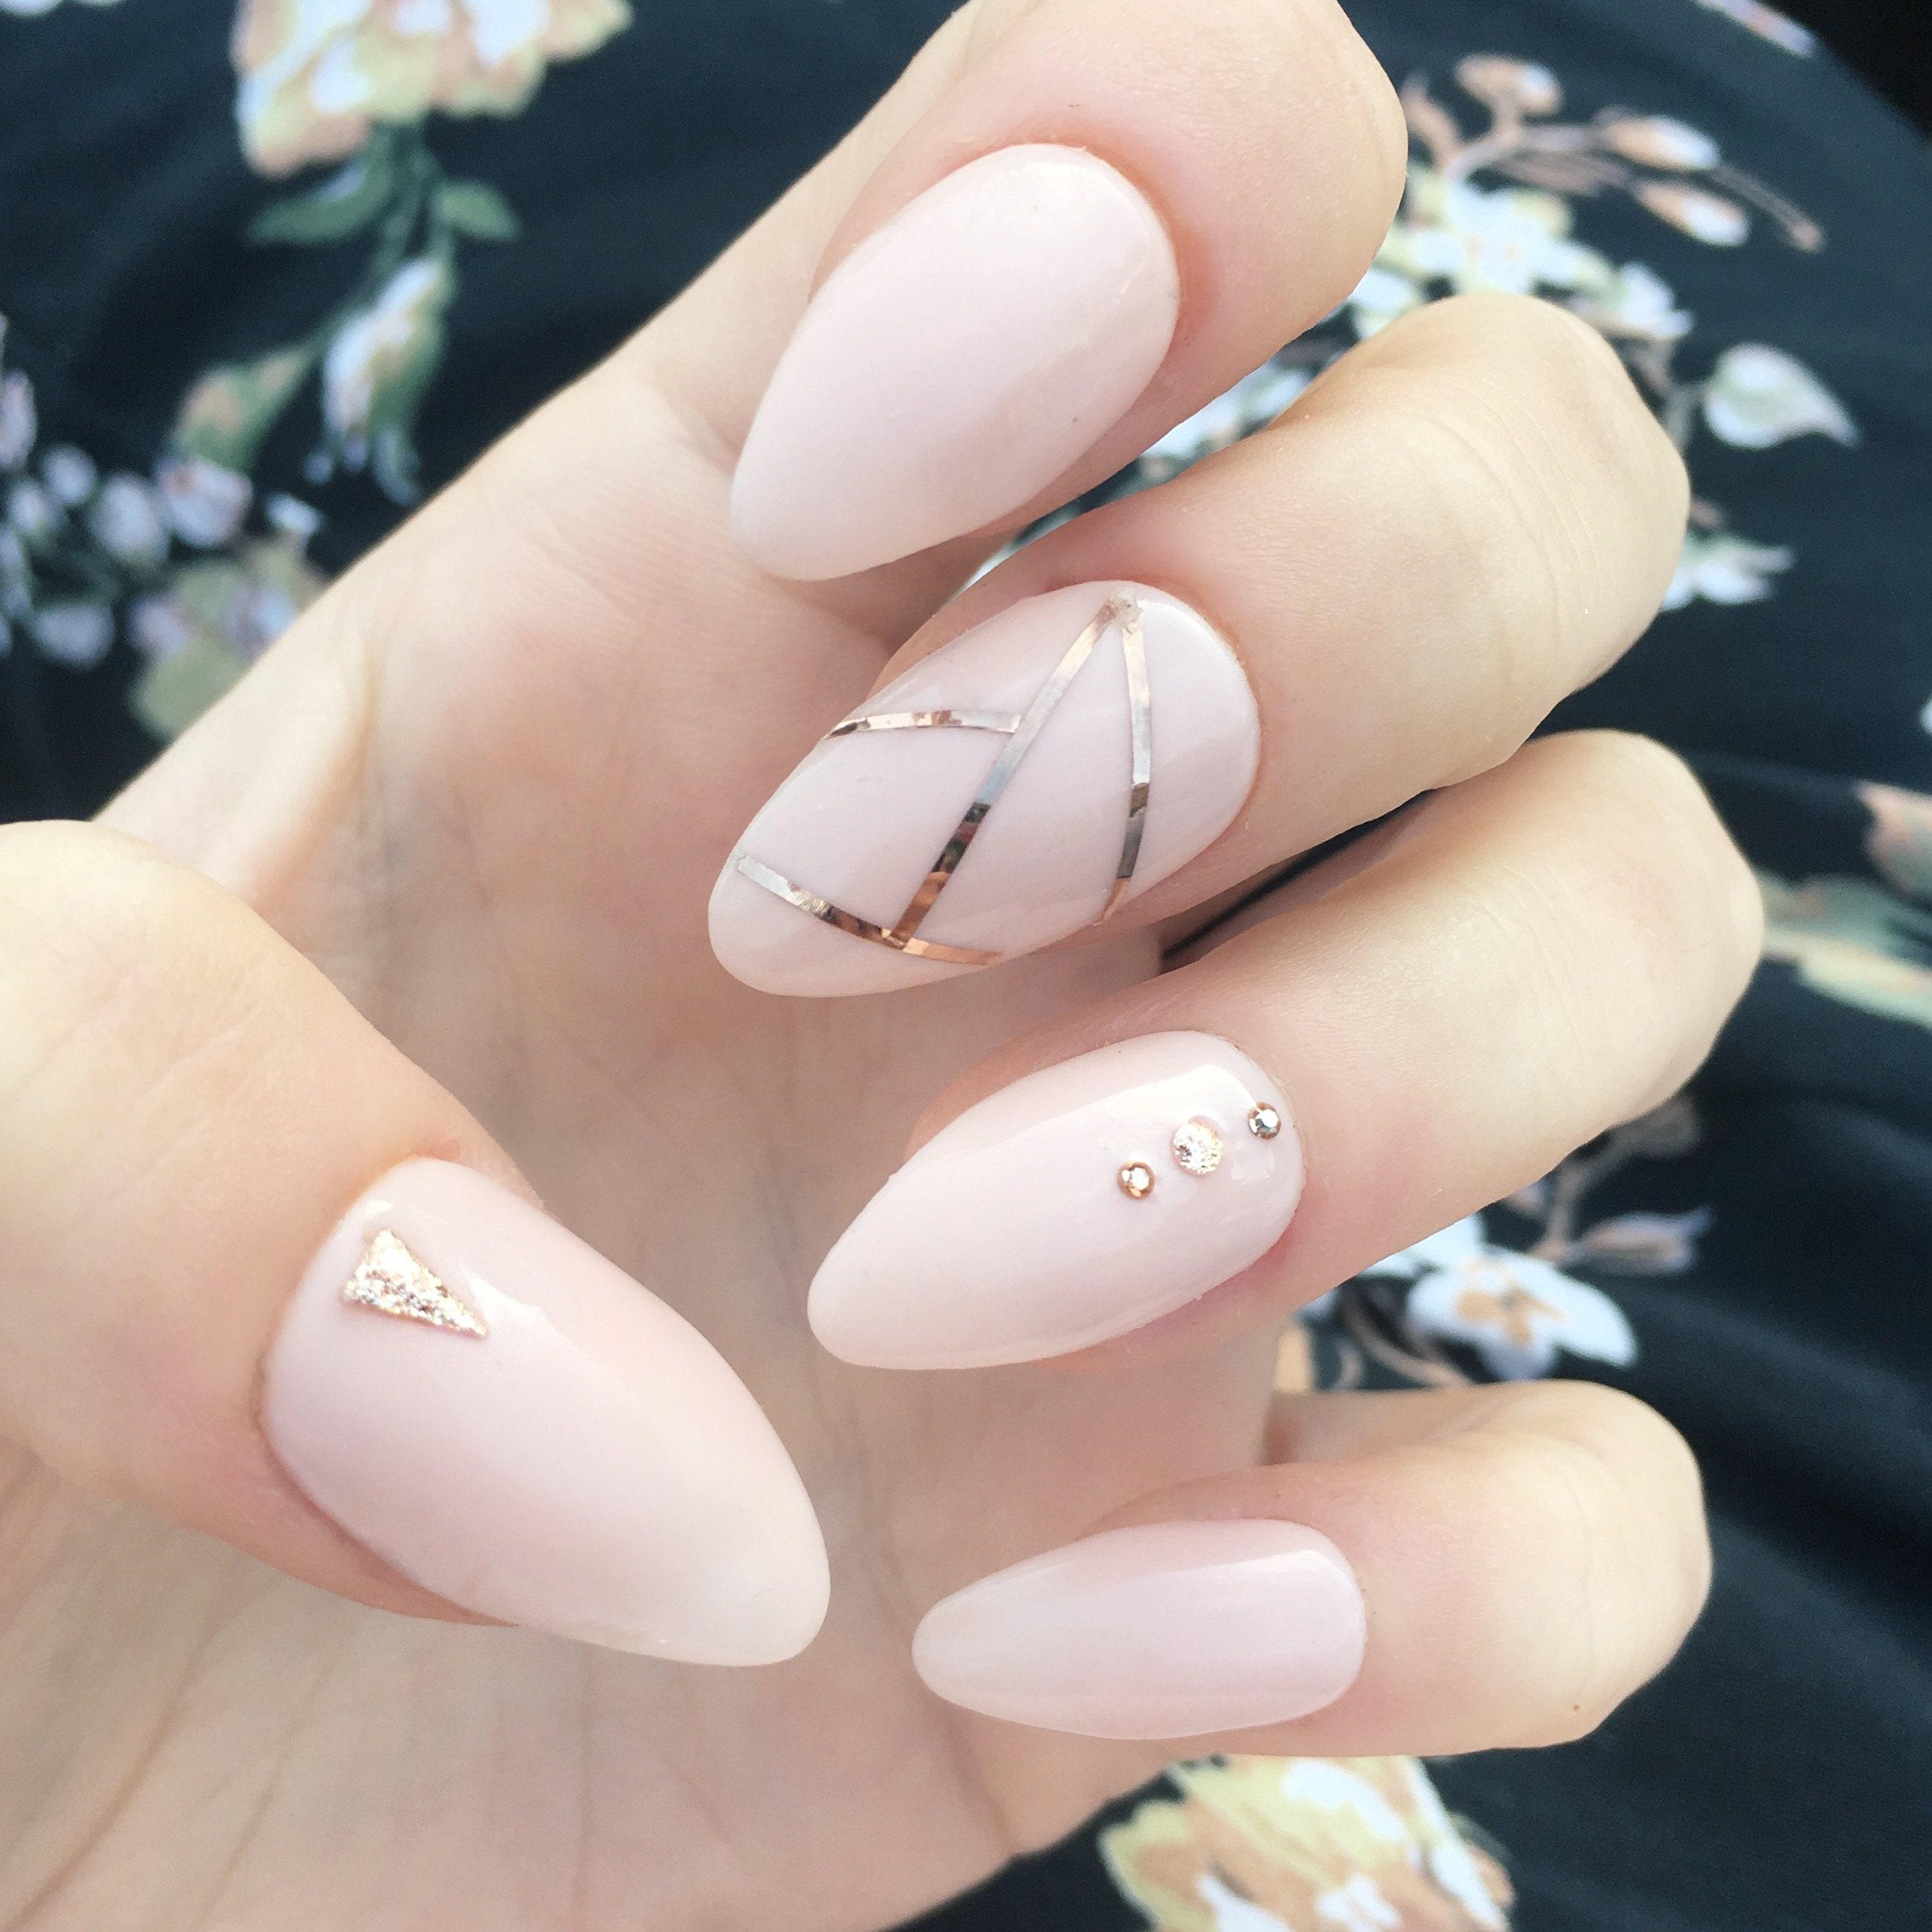 Press On Nails Light Pink Nude Nails False Nails Fake